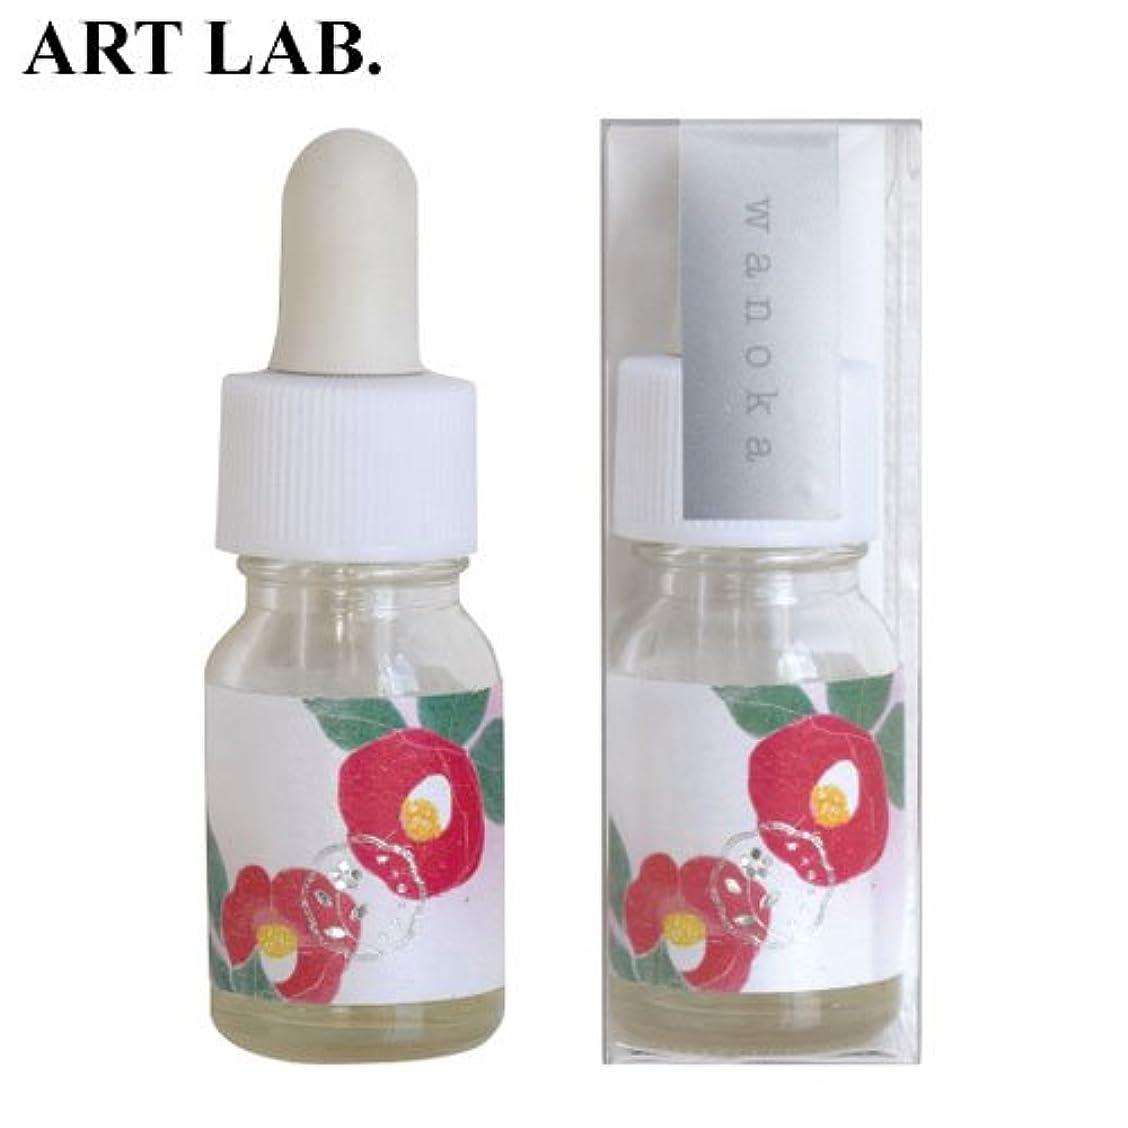 ページ嫌なwanoka香油アロマオイル椿《おしとやかで深みのある香り》ART LABAromatic oil